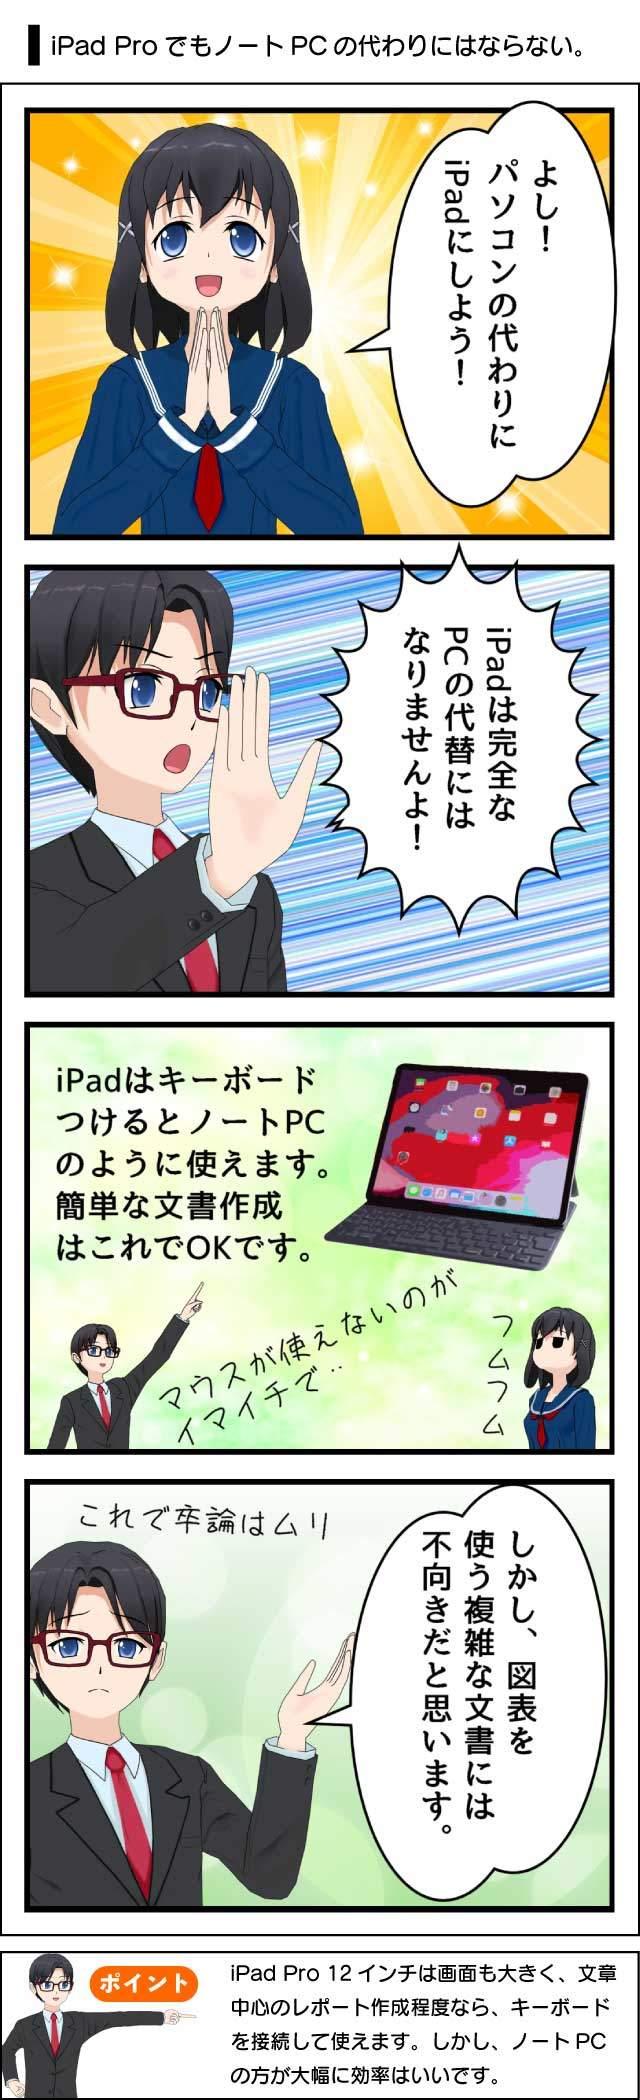 大学生はiPad ProがあればノートPCが不要なのか